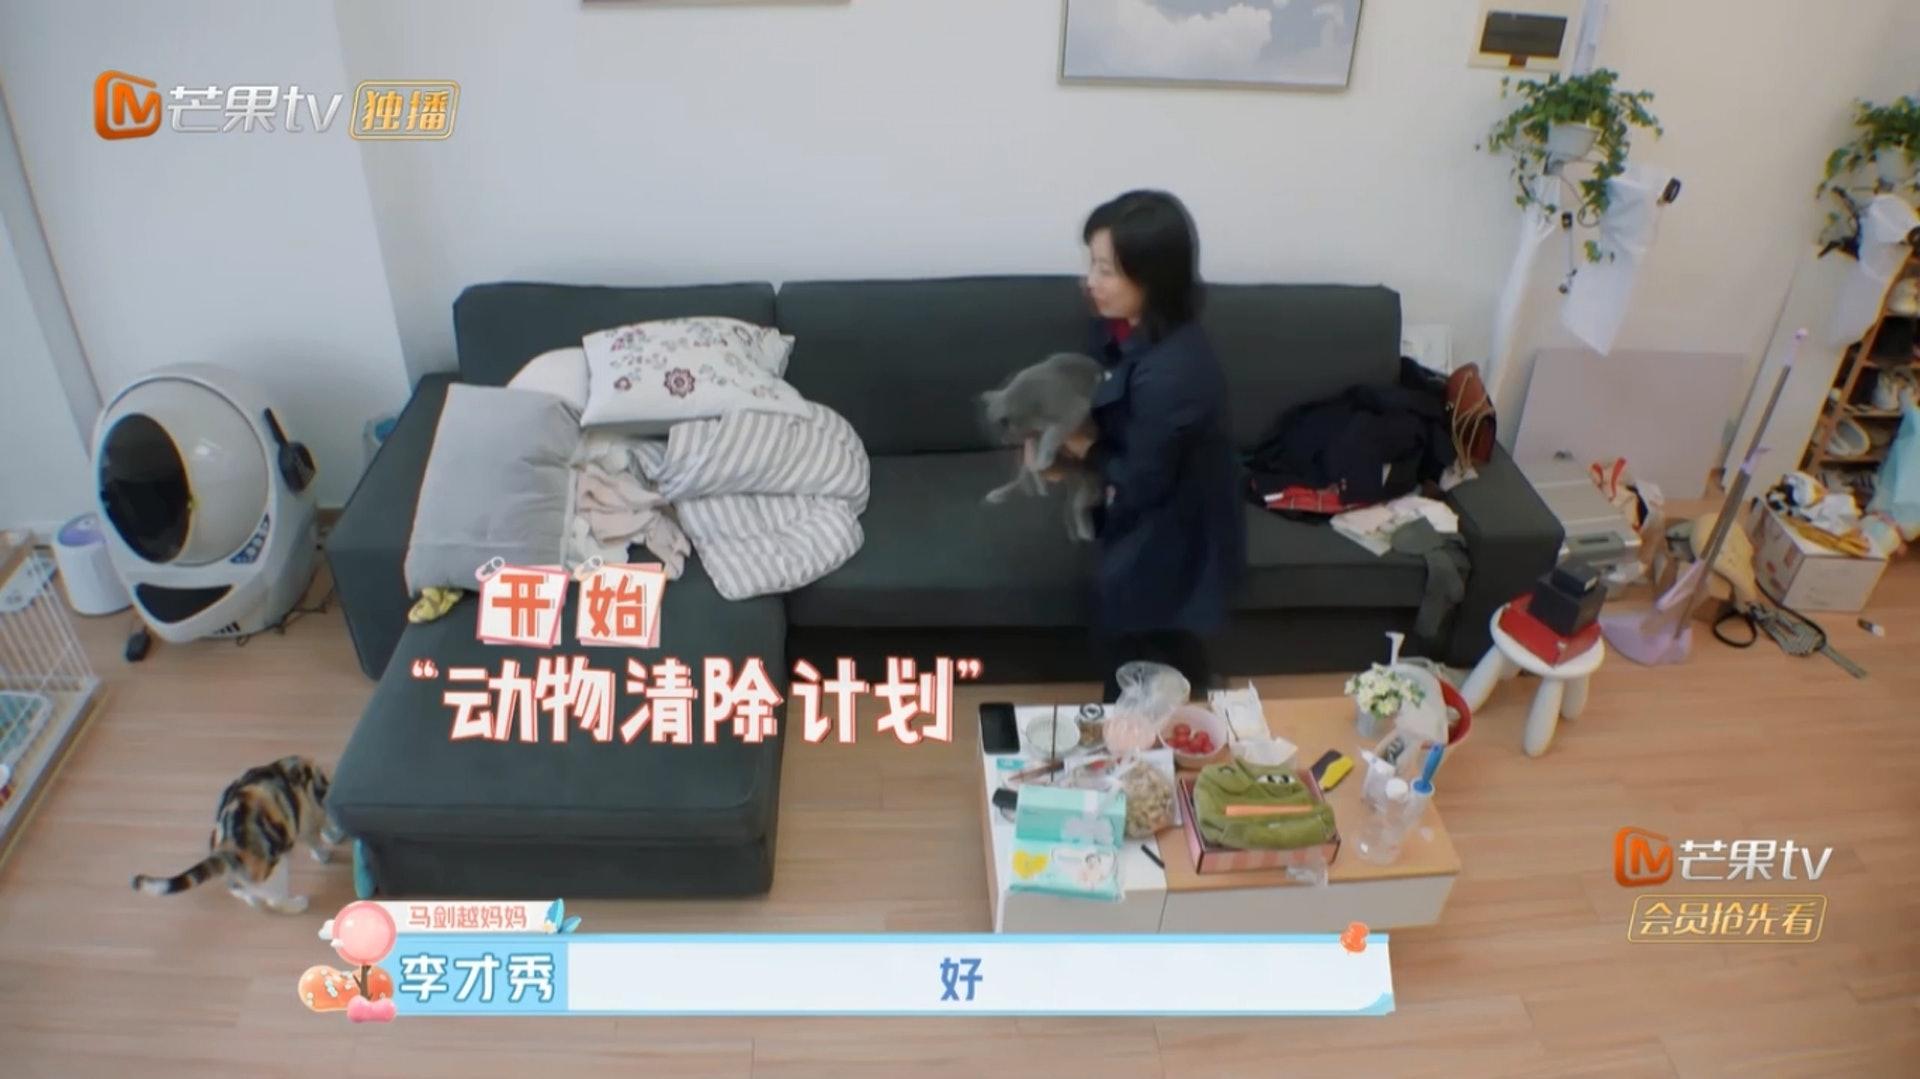 馬劍越媽媽話要送走女兒的寵物,將來生育後寵物也不能回家。(Youtube影片截圖)